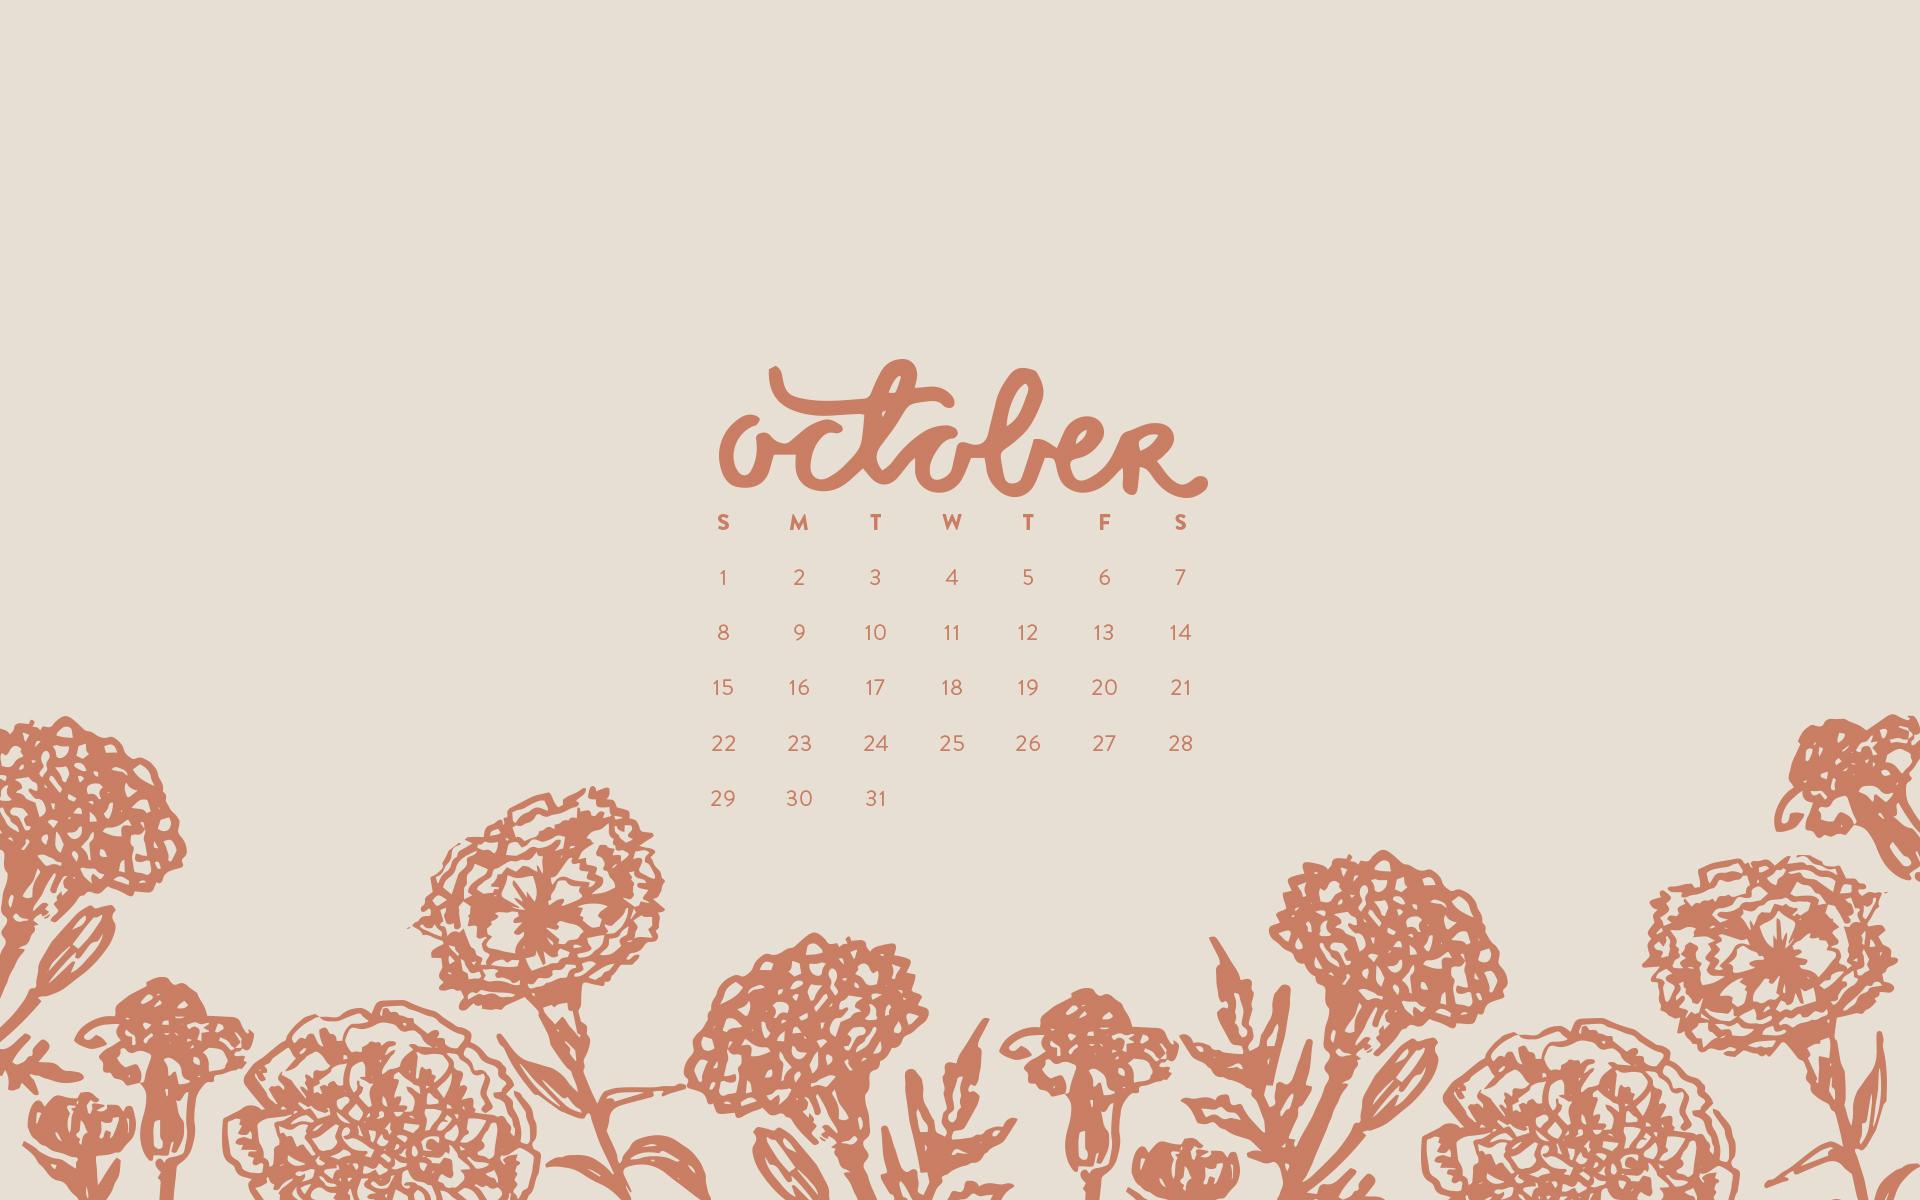 Desktop Calendar Wallpaper Creator : Wallpaper: october 2017 calendar & pattern u2014 britt fabello